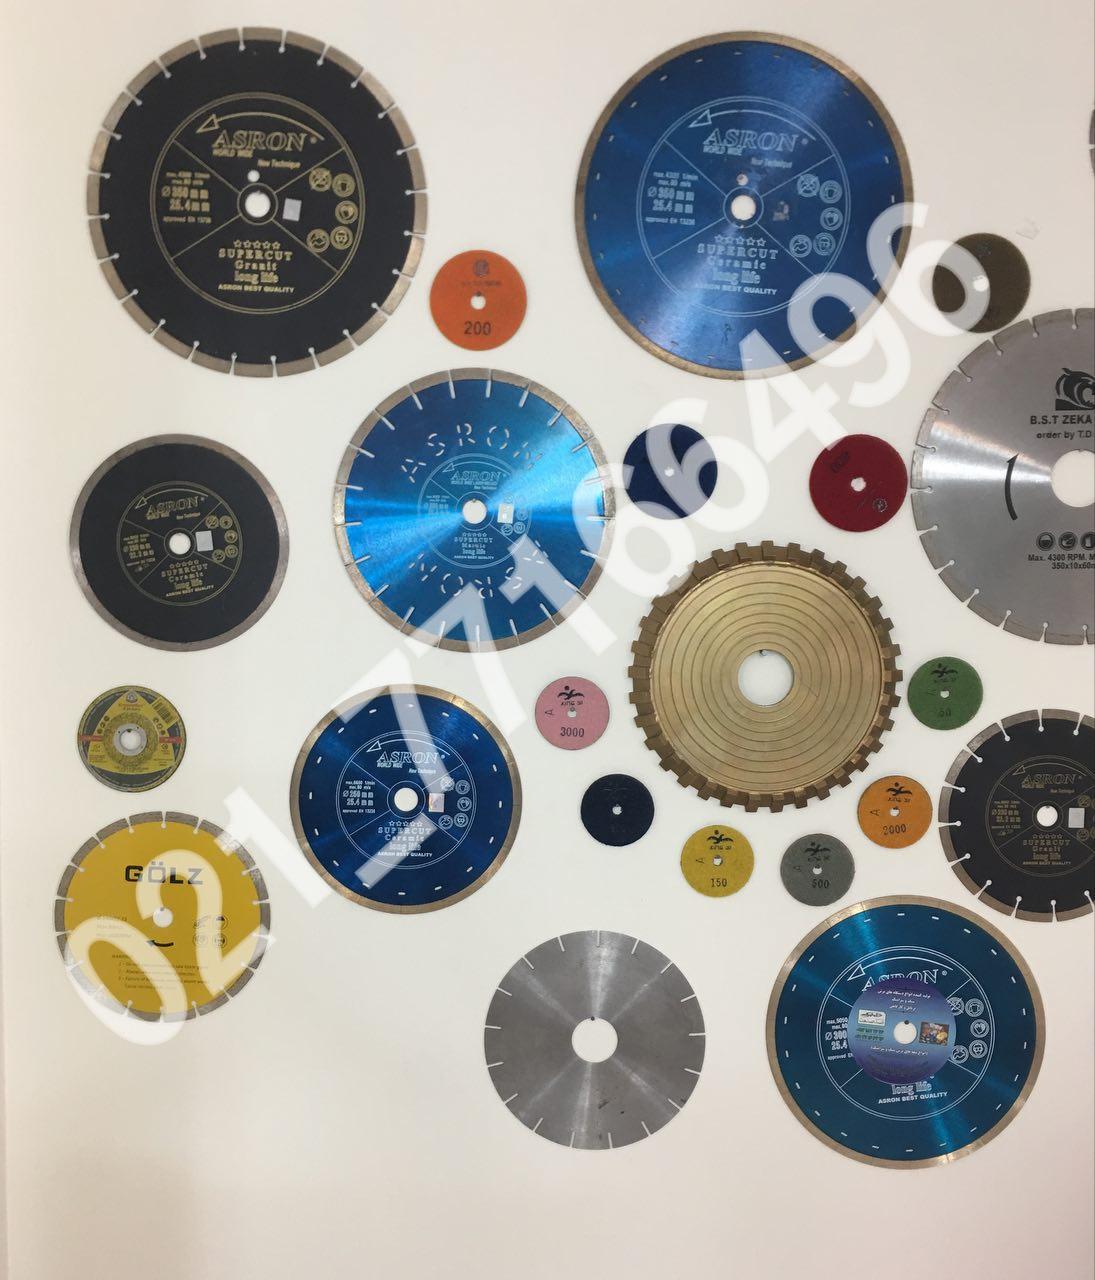 فروش انواع دیسک برش و تیغه برش سنگ و اجر بر